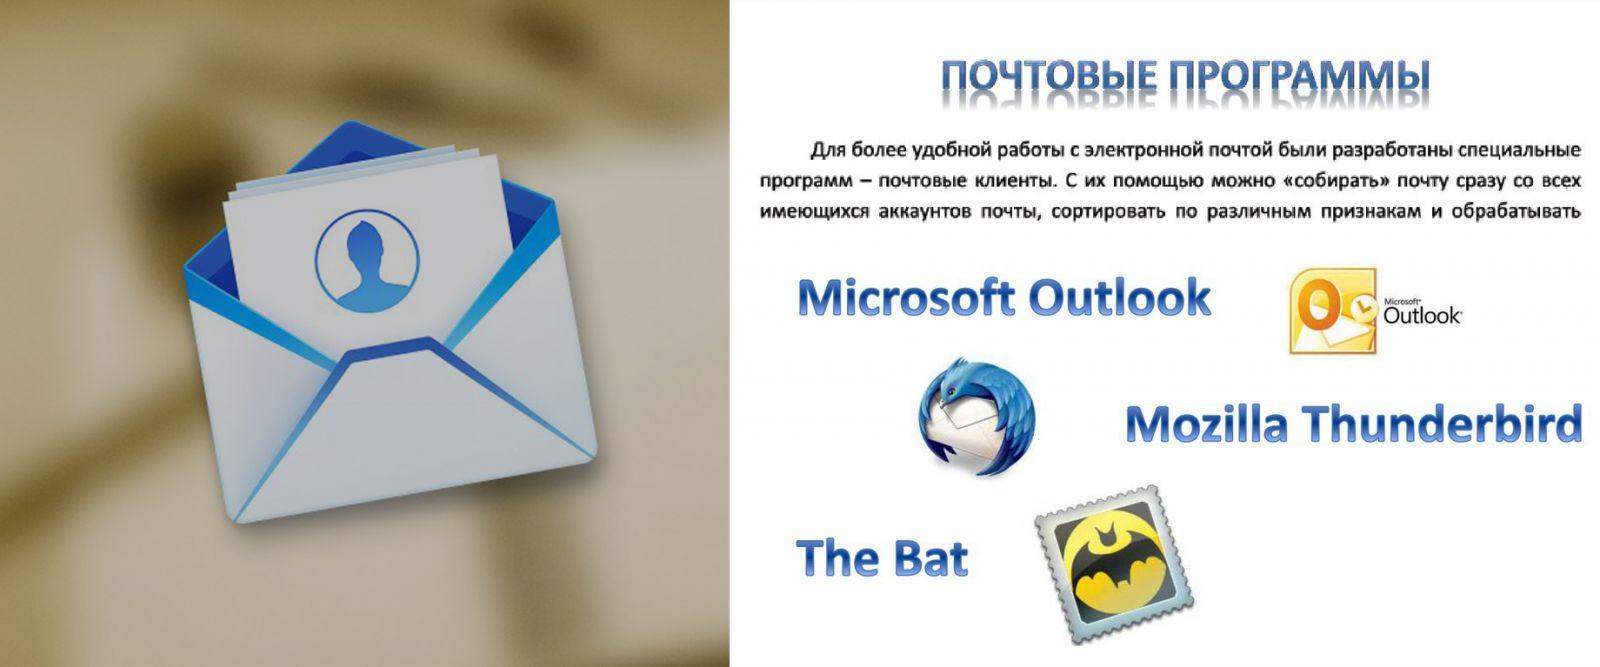 Популярные почтовые клиенты